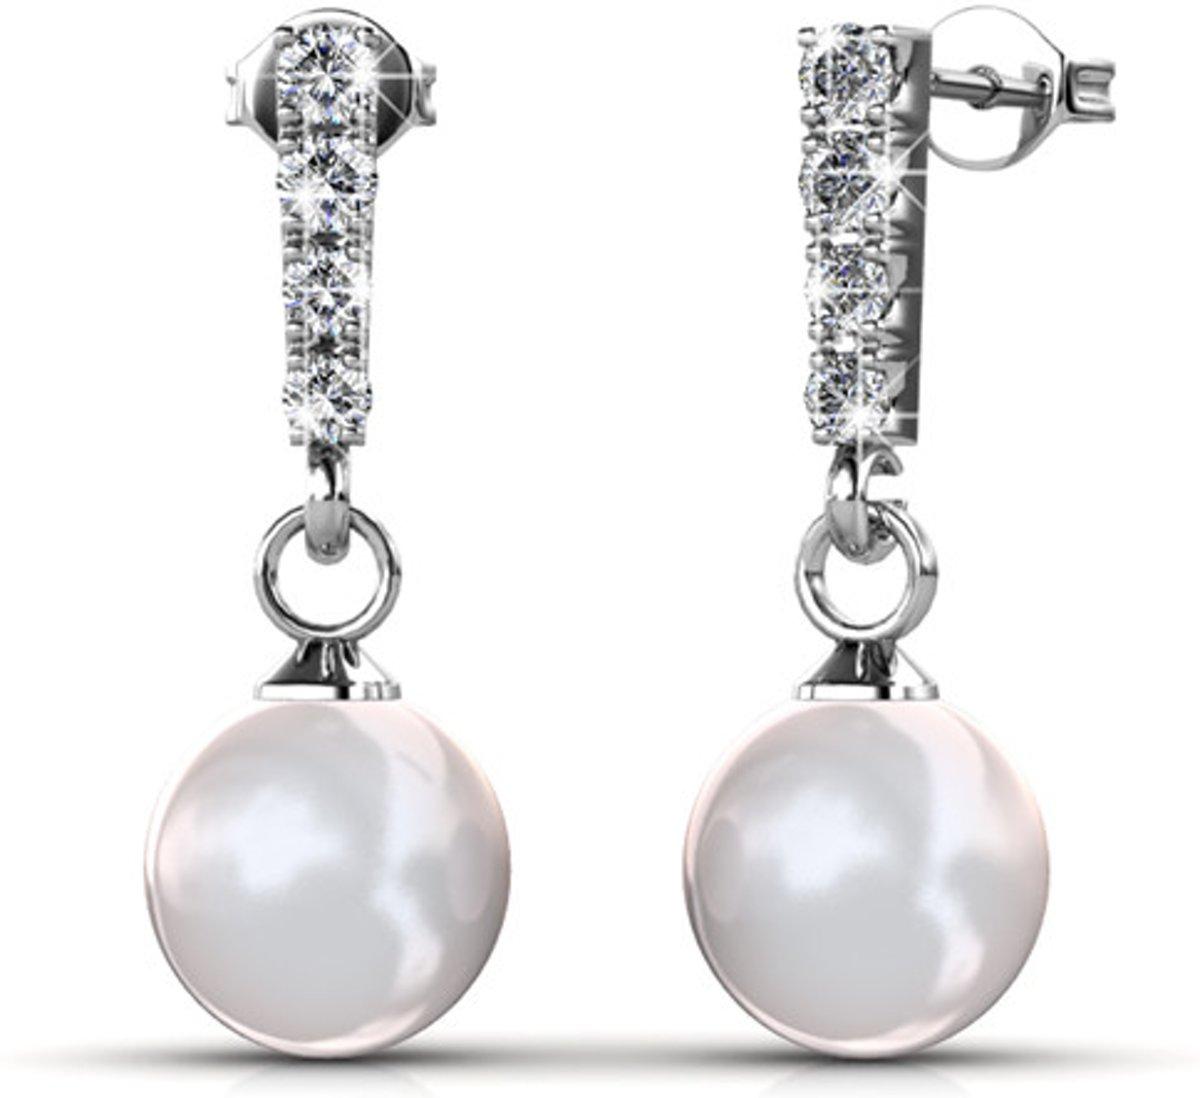 Dammade oorbellen - Swarovski Kristal - Zilverkleurig - Dames - Manila kopen